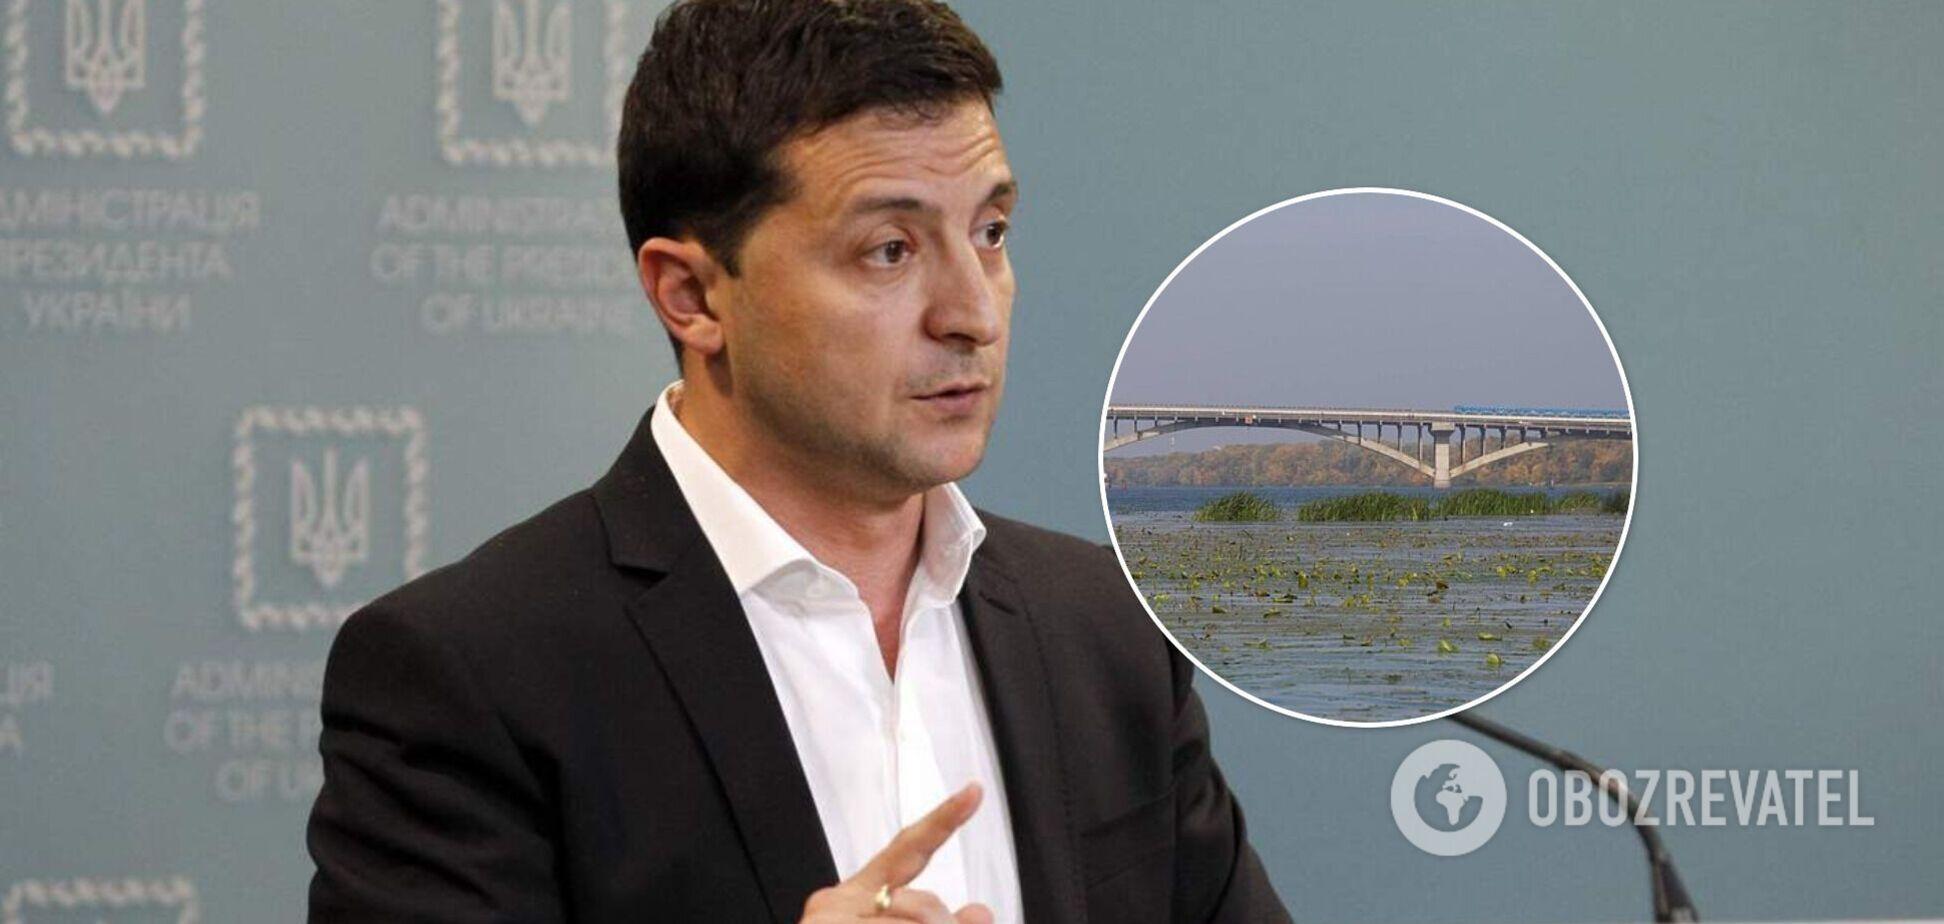 Зеленский ввел в действие решение СНБО о водных ресурсах. Полный документ